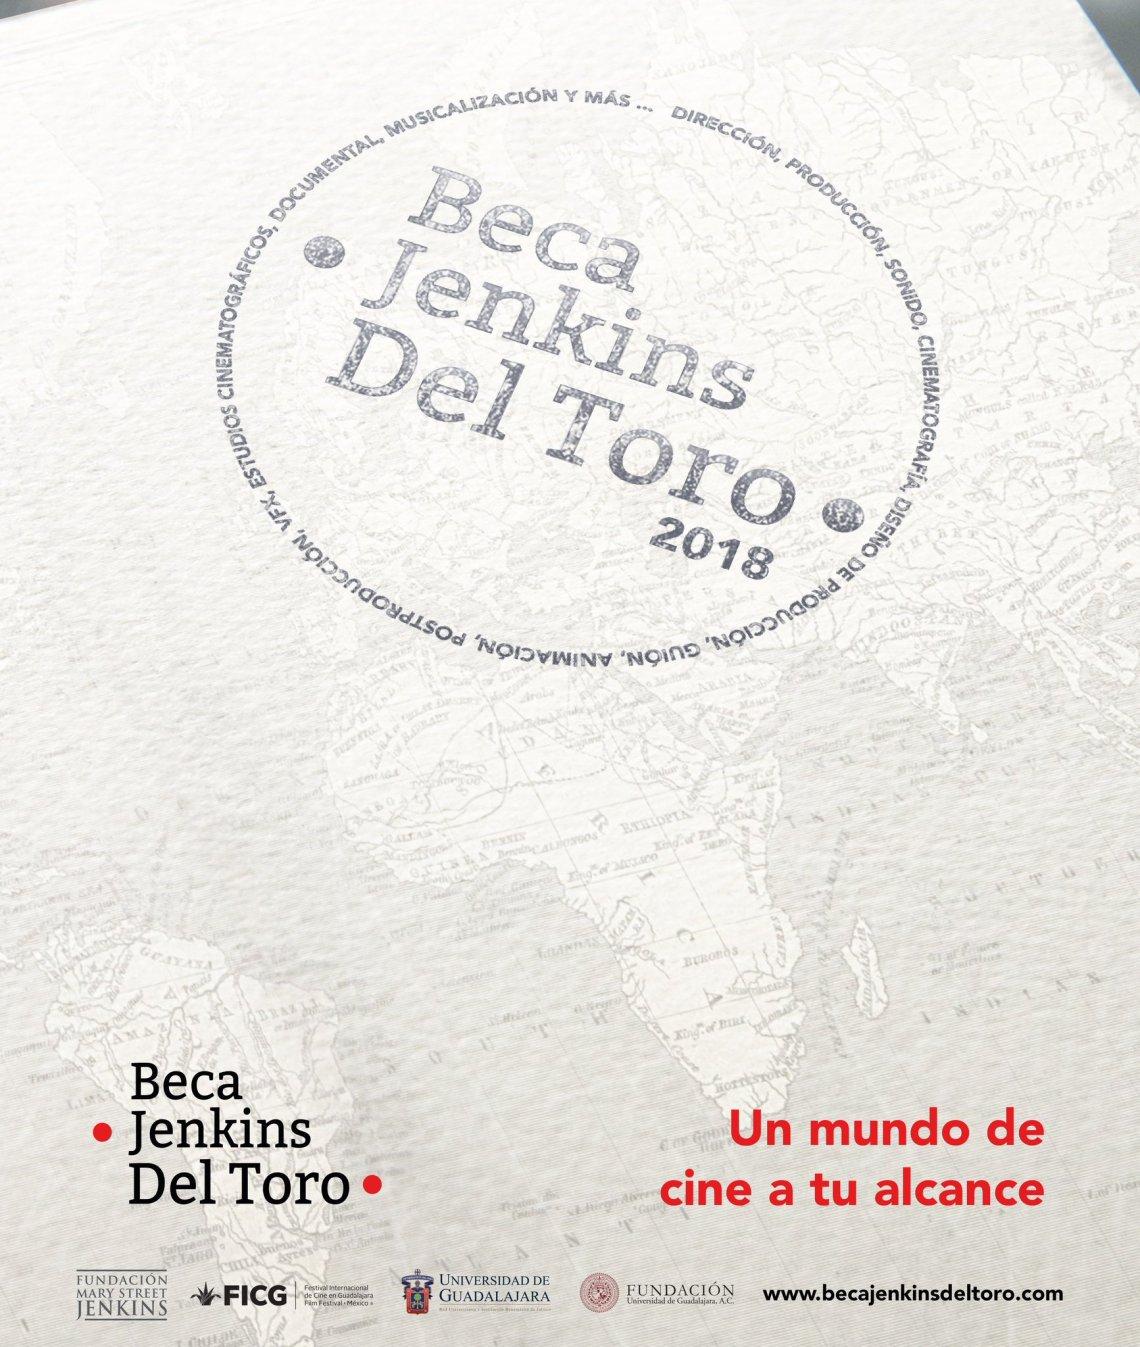 Beca Jenkins-Del Toro.jpg